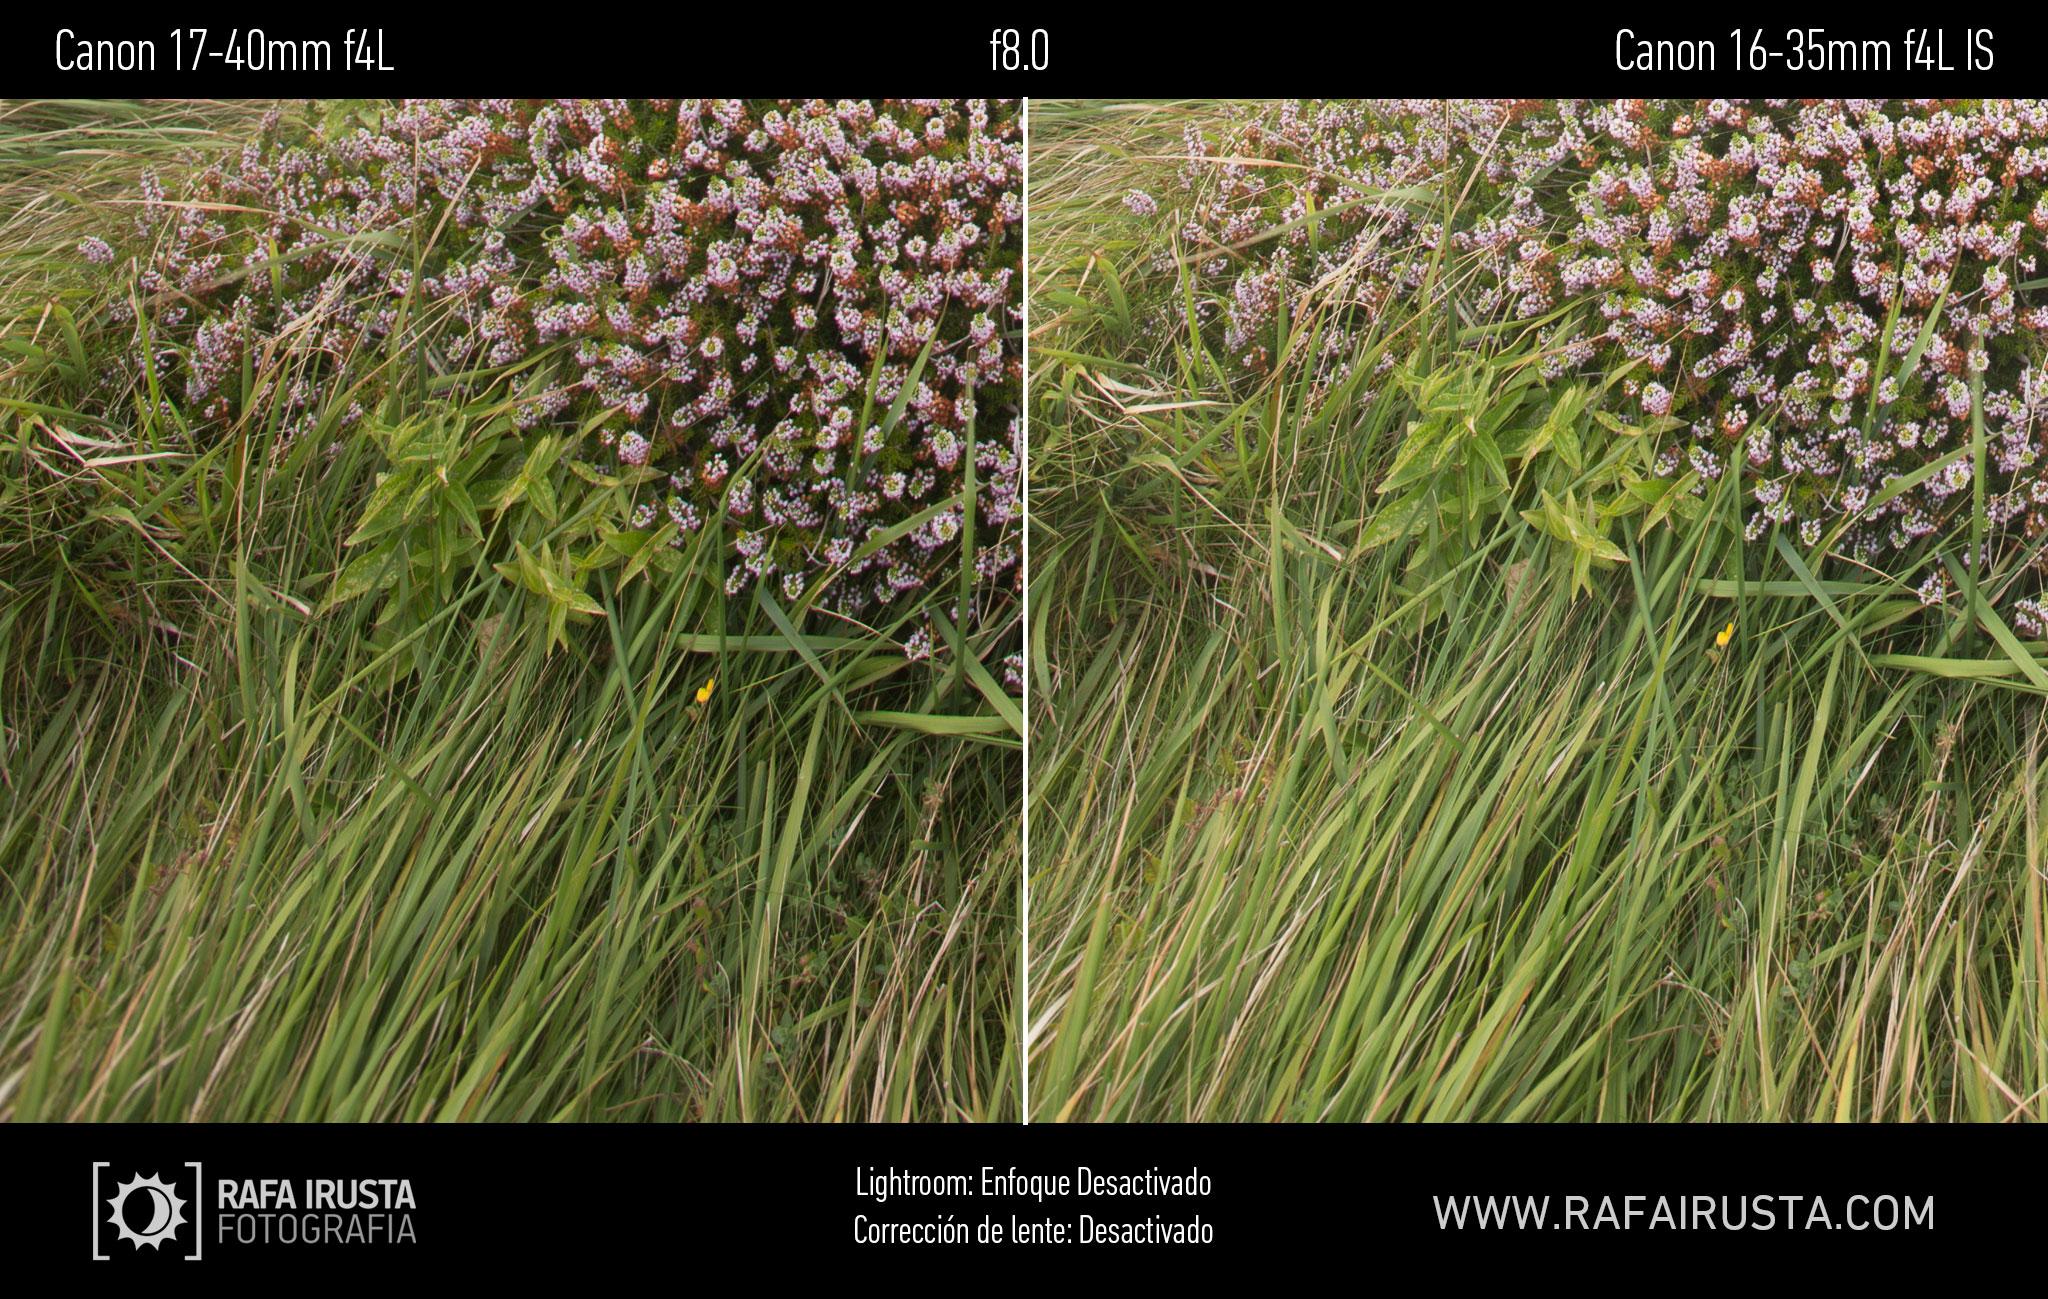 Prueba Canon 16-35mm f/4L IS, comparativa 17-40 vs 16-35 sin enfoque y sin ajuste de perfil, f8